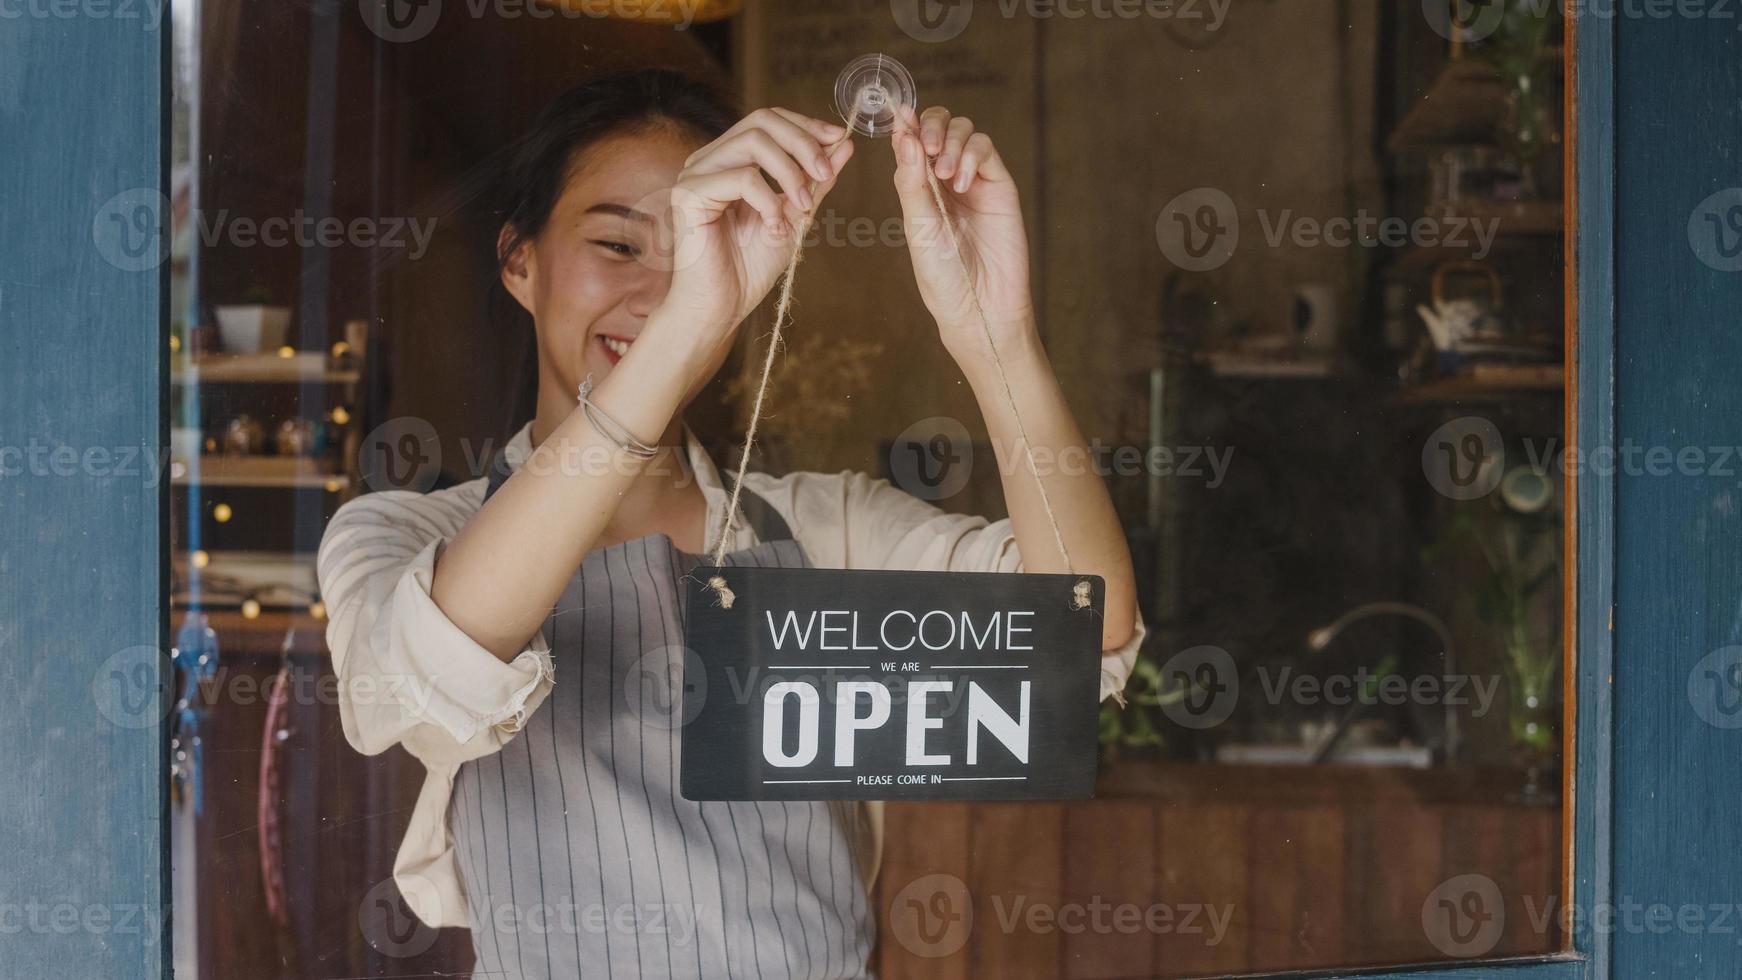 jovem gerente da ásia mudando um sinal de fechado para aberto no café da porta, olhando do lado de fora, esperando os clientes após o bloqueio. proprietário de uma pequena empresa, comida e bebida, conceito de reabertura de negócios. foto